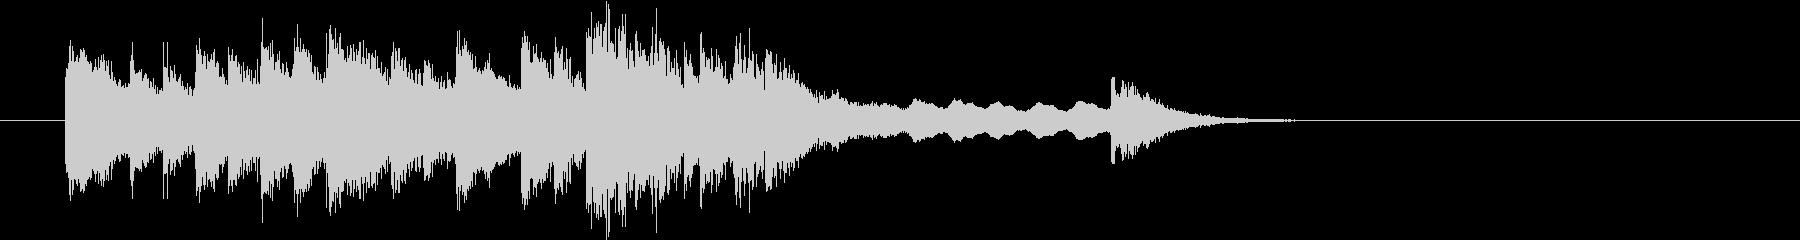 和風ジングル3 優雅な箏 笛 鈴 太鼓の未再生の波形